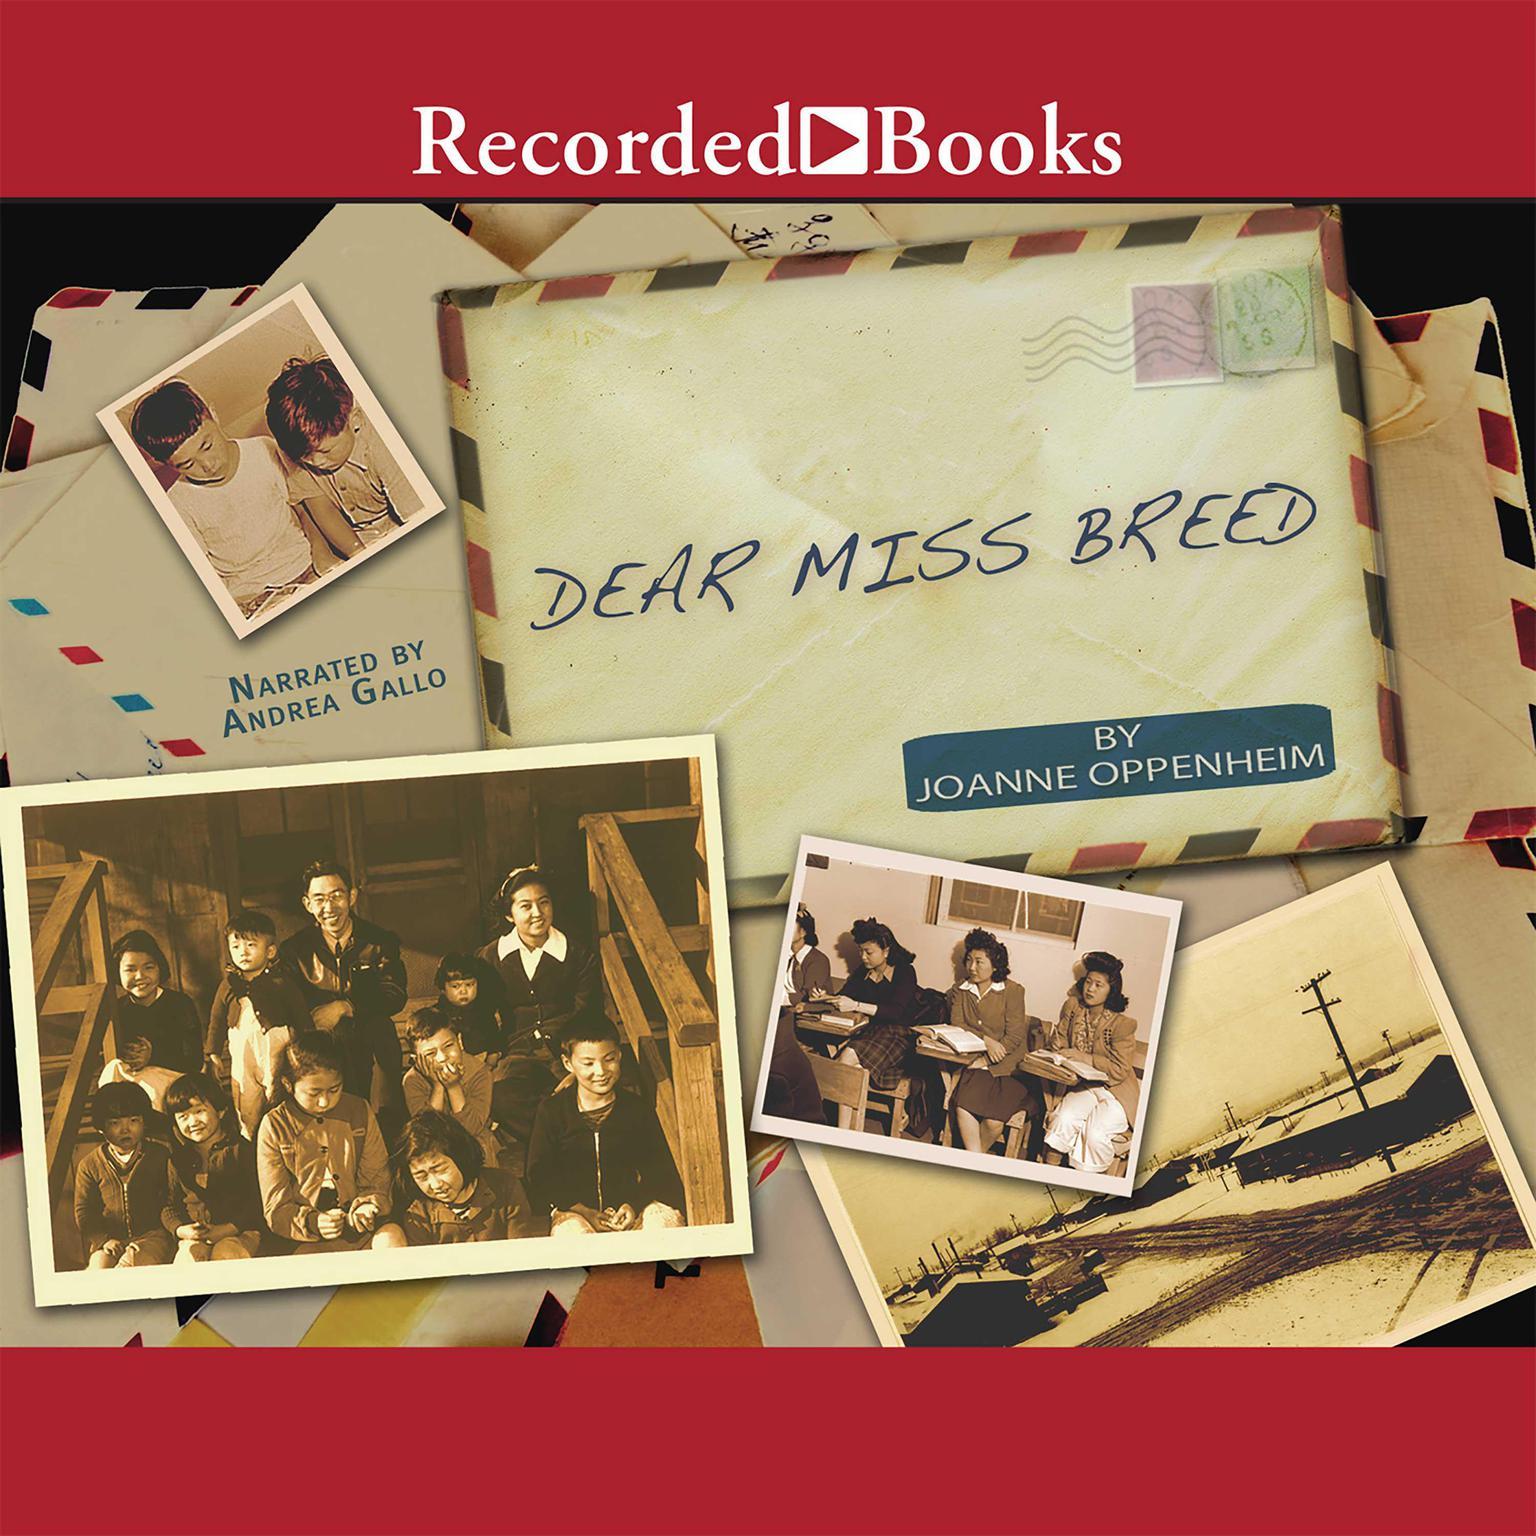 Dear Miss Breed Audiobook, by Joanne Oppenheim